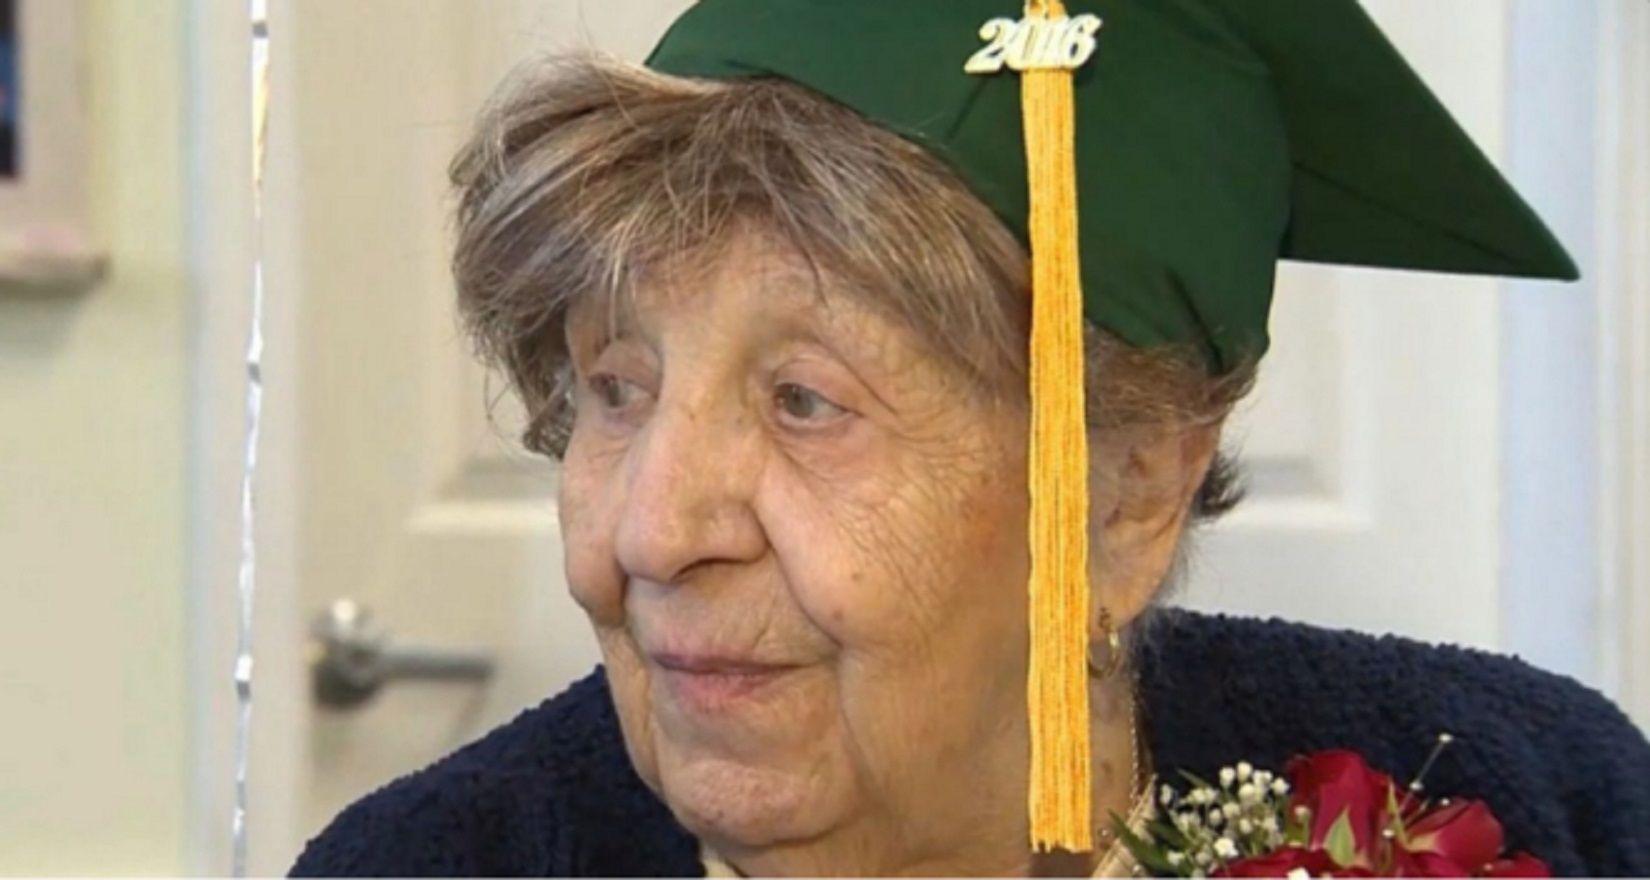 Tiene 100 años y se recibió de la escuela secundaria gracias a la ayuda de su familia